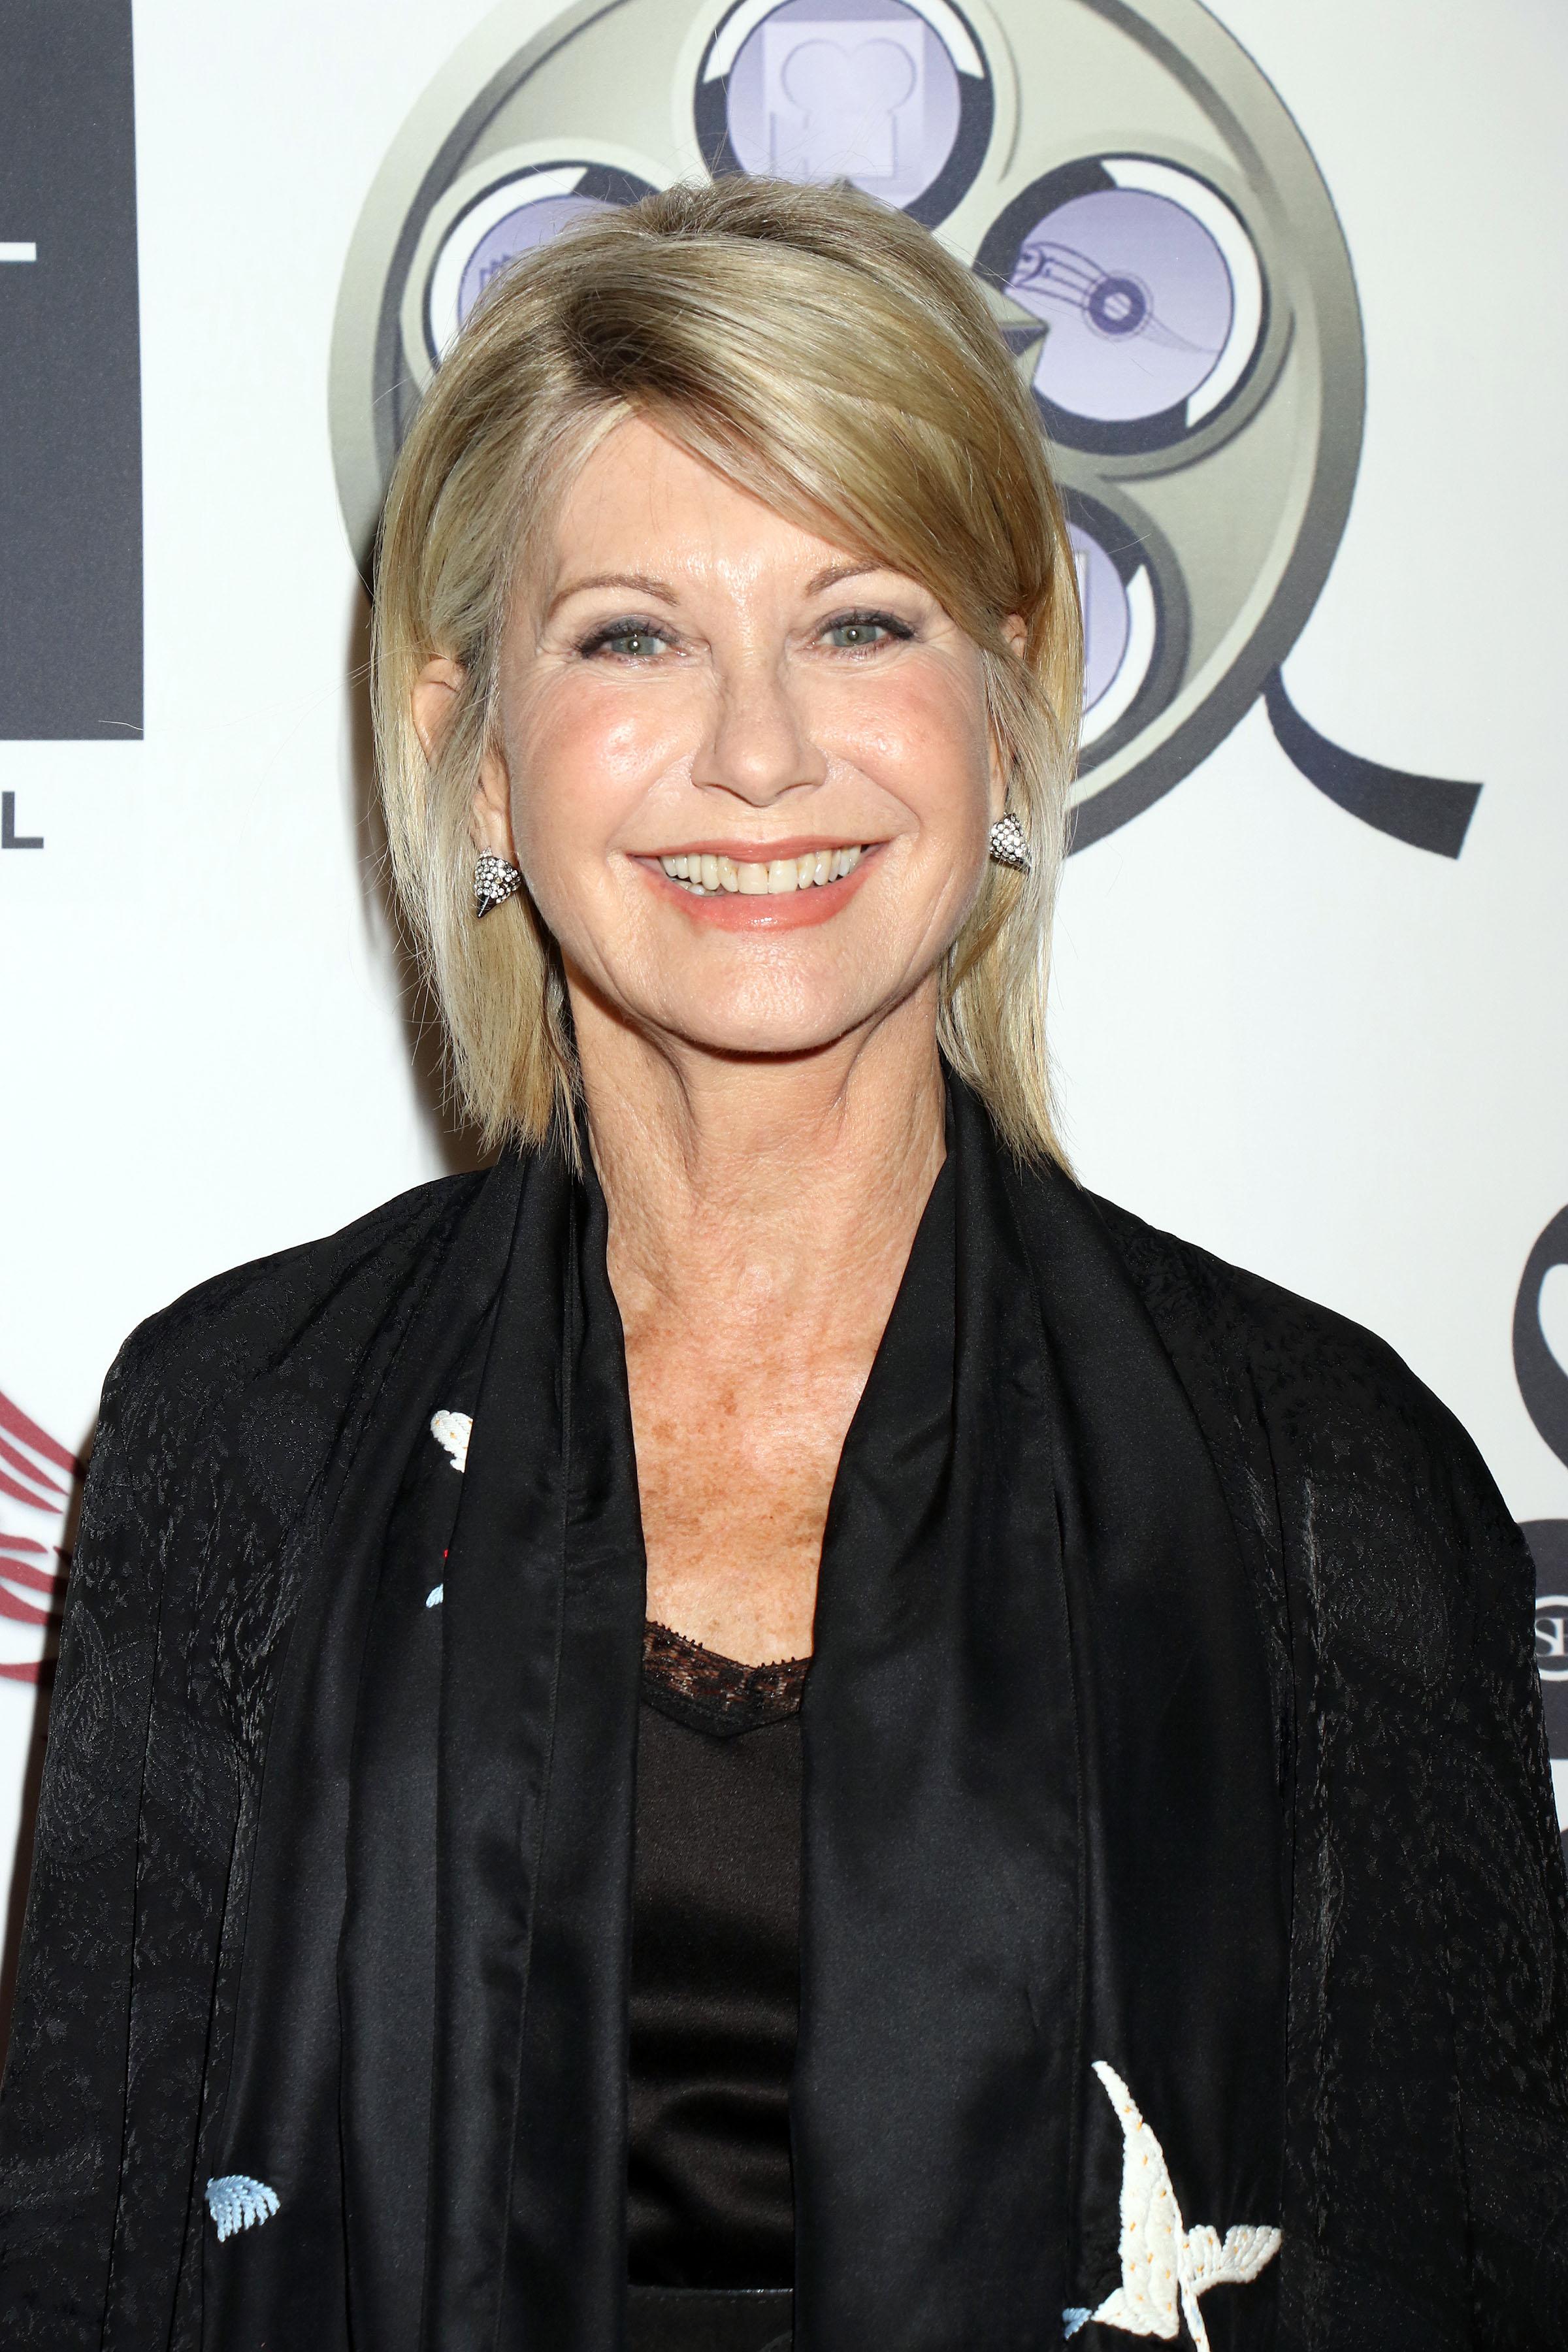 Olivia Newton-John says she has breast cancer; cancels ... Olivia Newton John